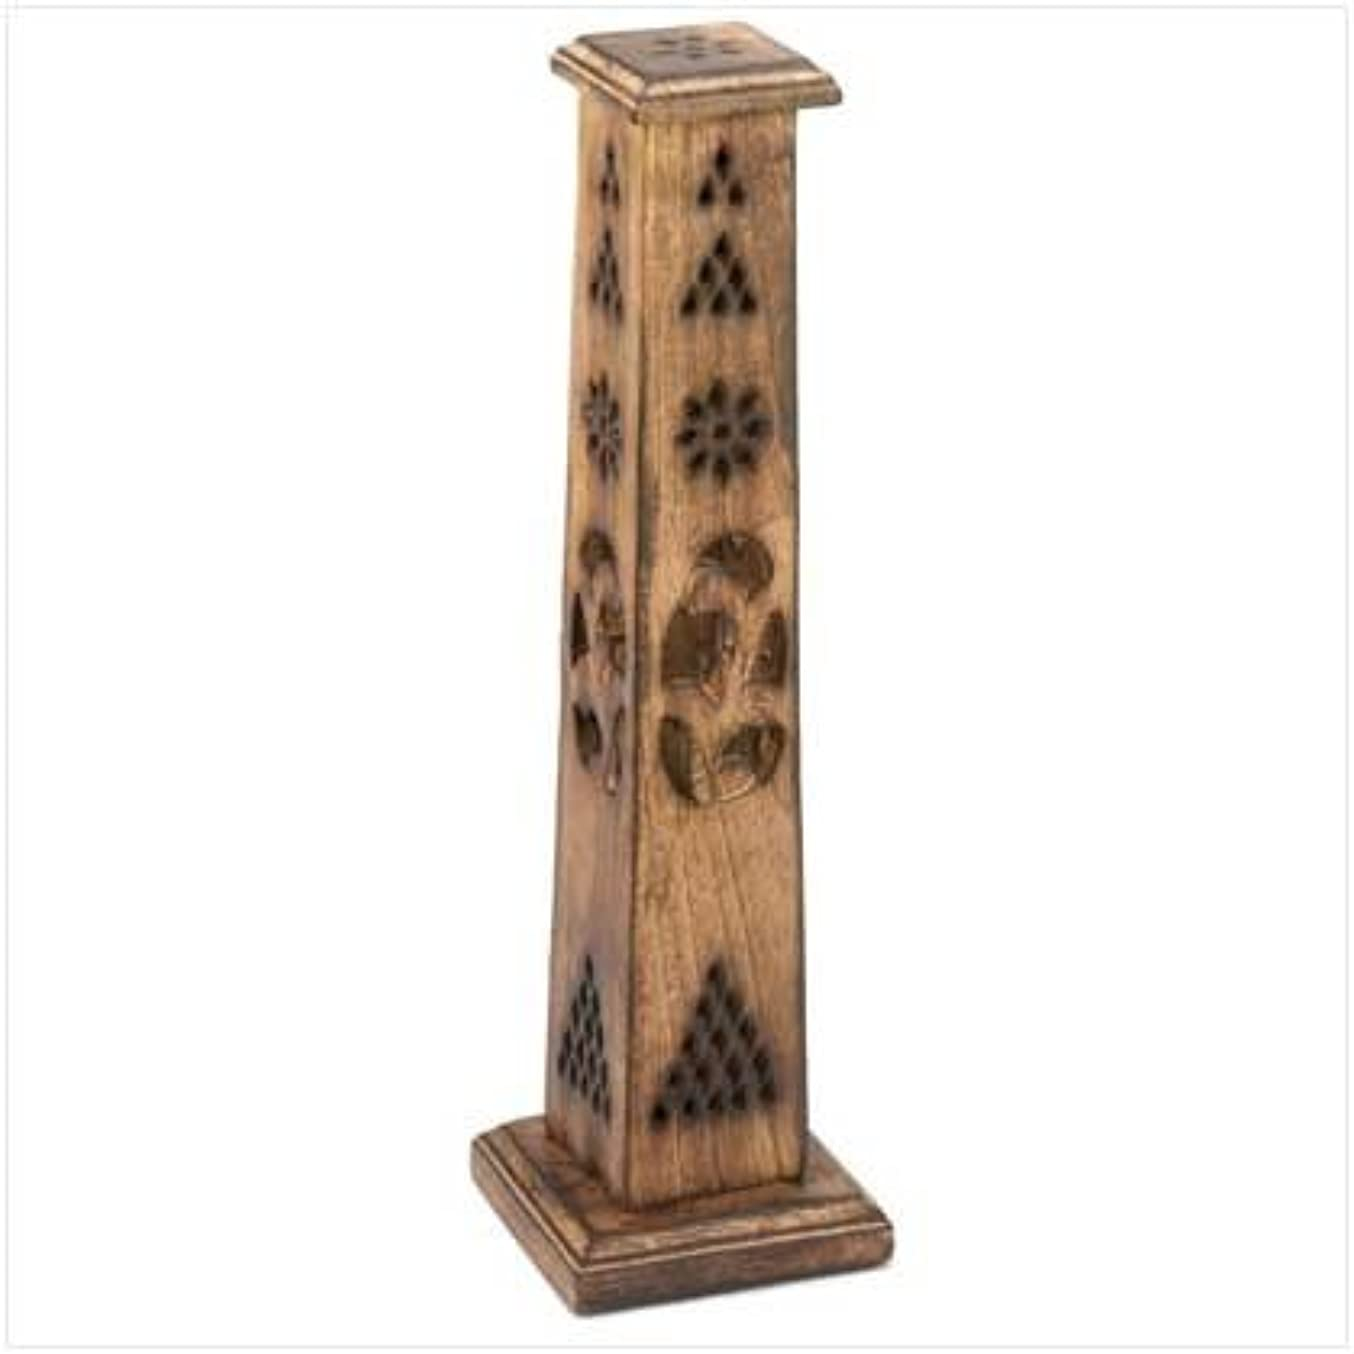 前提条件周辺正しくWooden Artisan Decor Incense Stick Holder Tower Stand